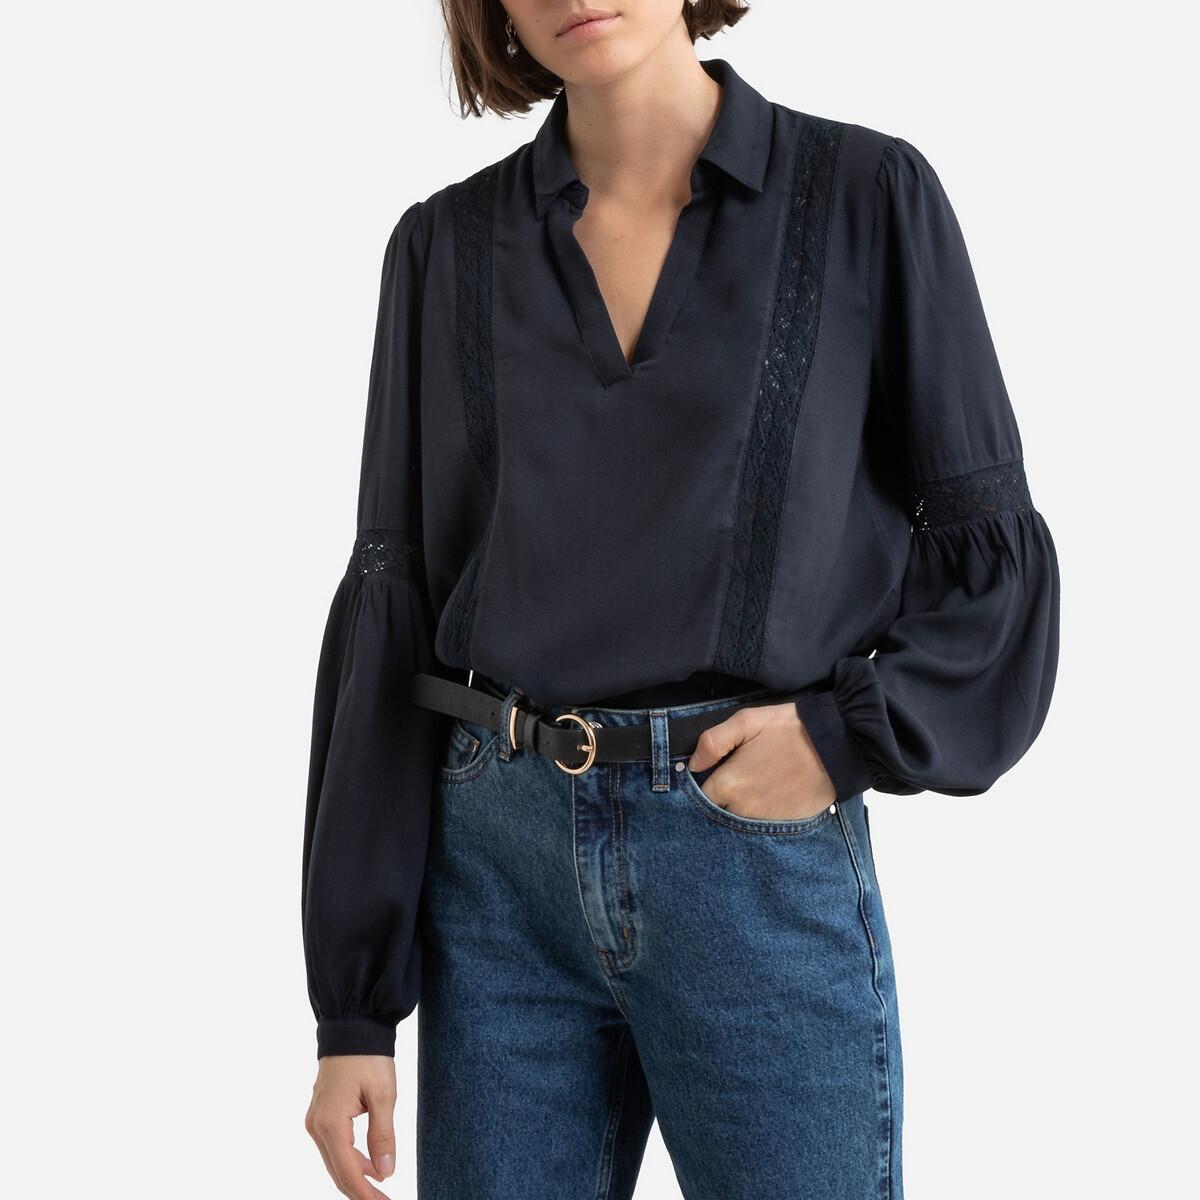 Блузка LaRedoute С рубашечным воротником и вышивкой 38 (FR) - 44 (RUS) синий блузка laredoute с рубашечным воротником и вышивкой 38 fr 44 rus синий